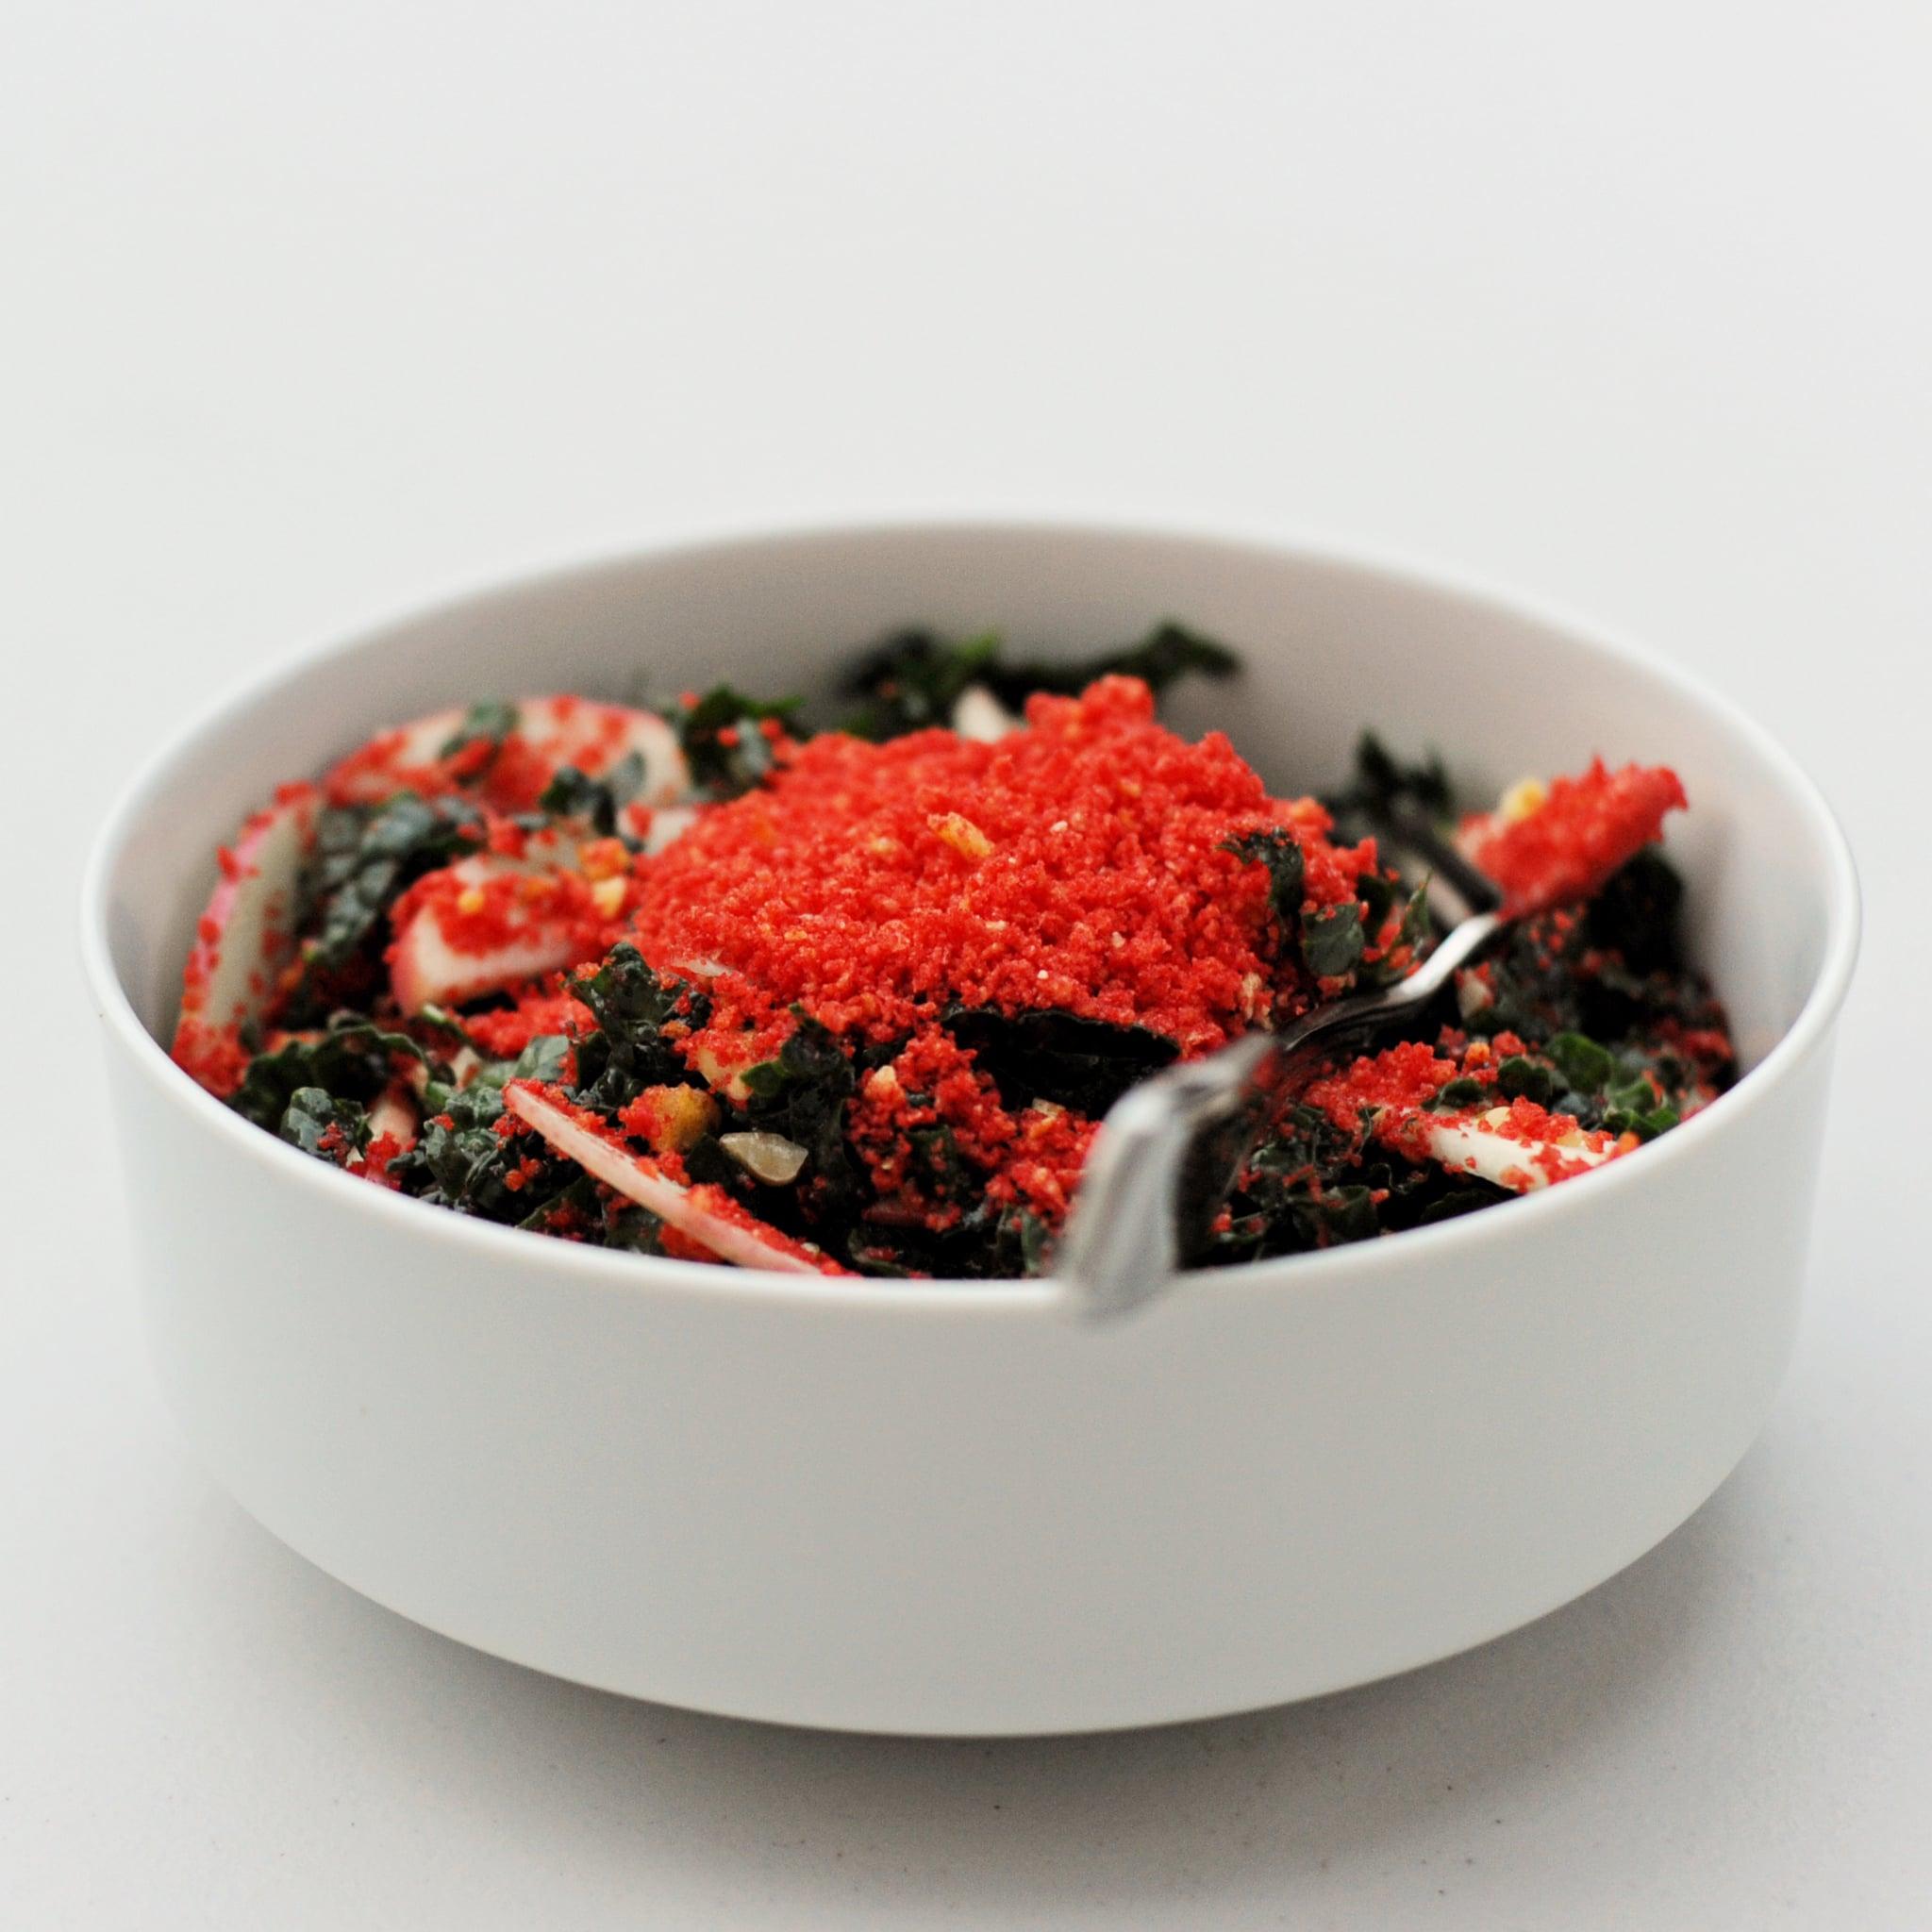 Flamin' Hot Cheetos Kale Salad